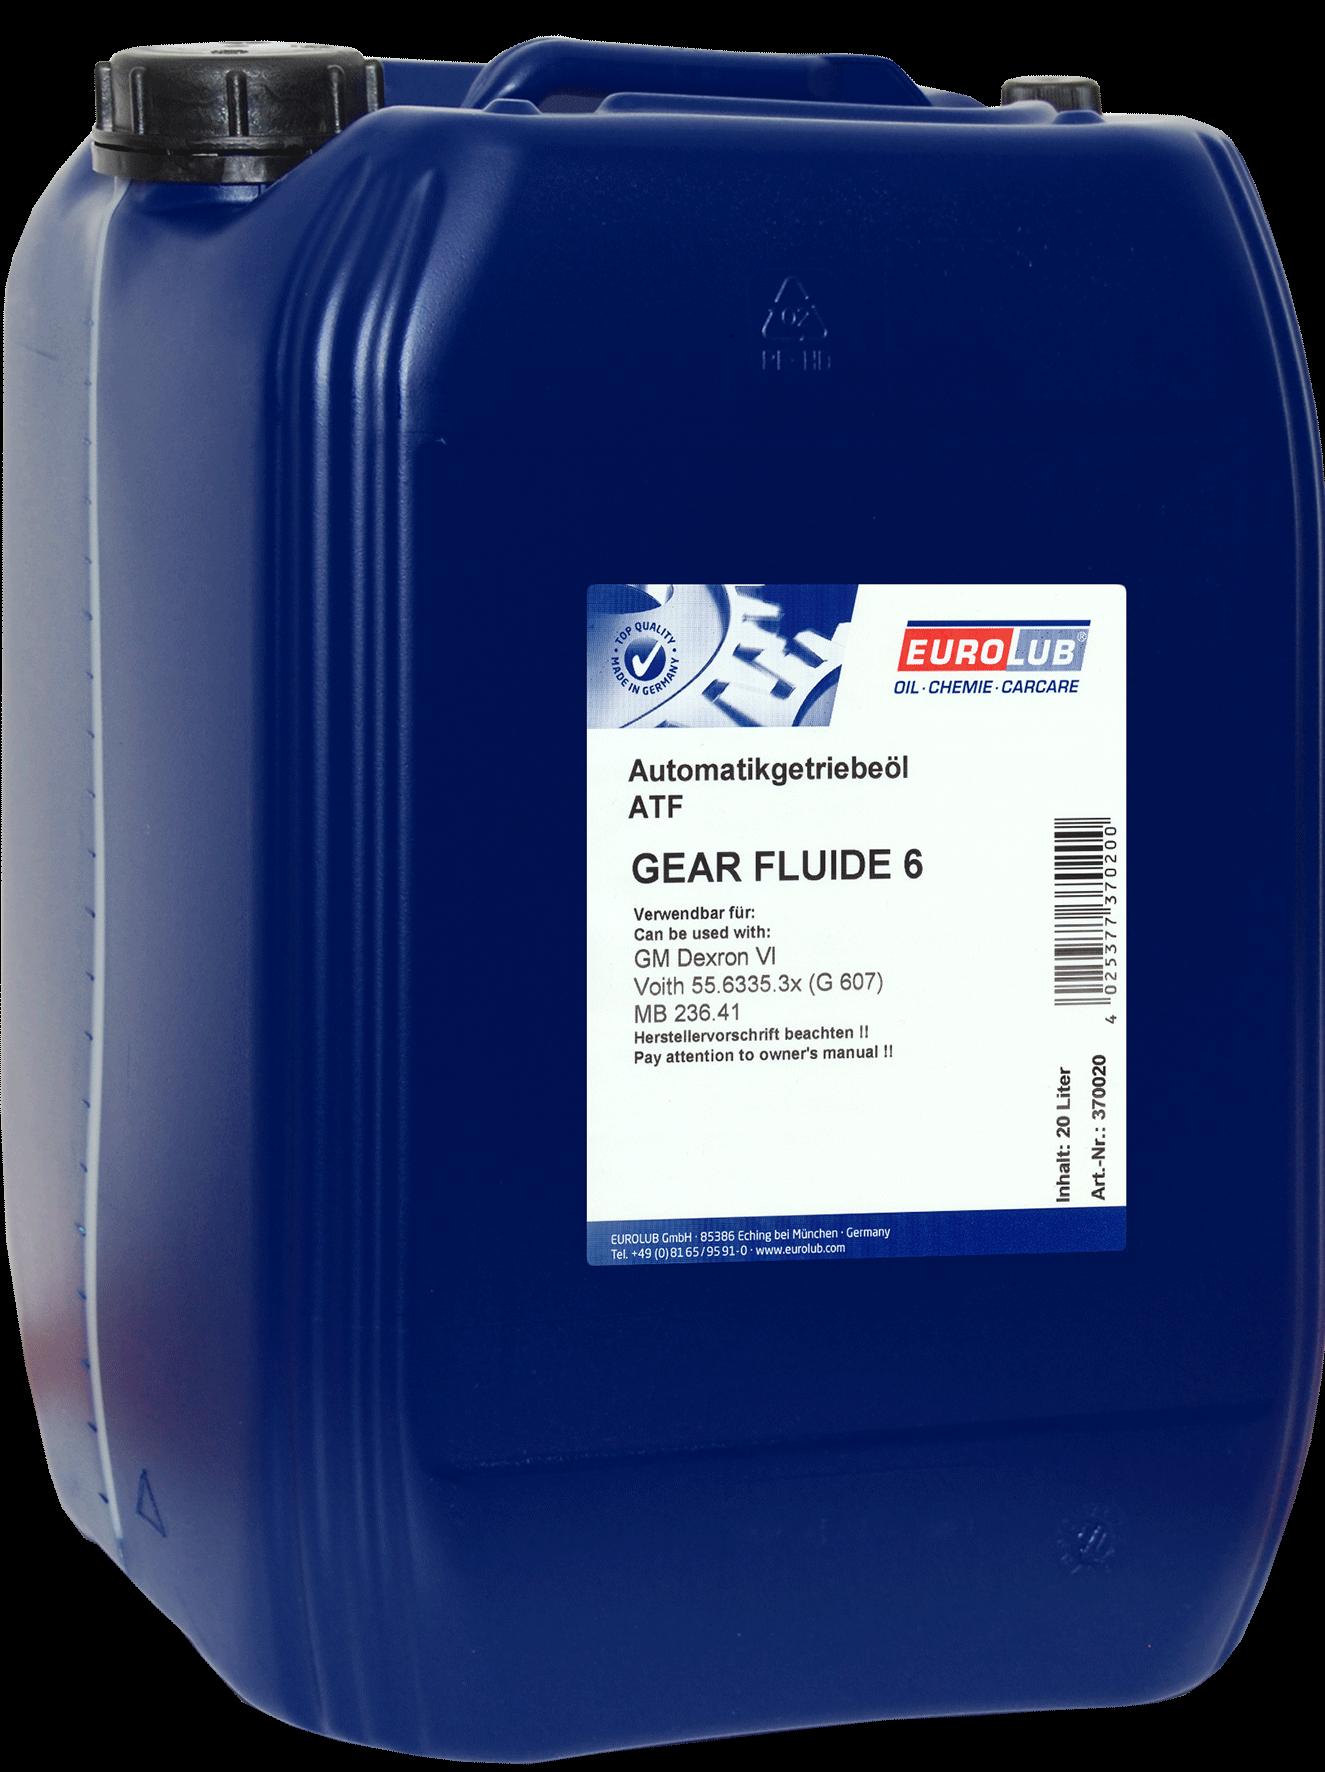 EUROLUB Gear Fluide 6, 20л